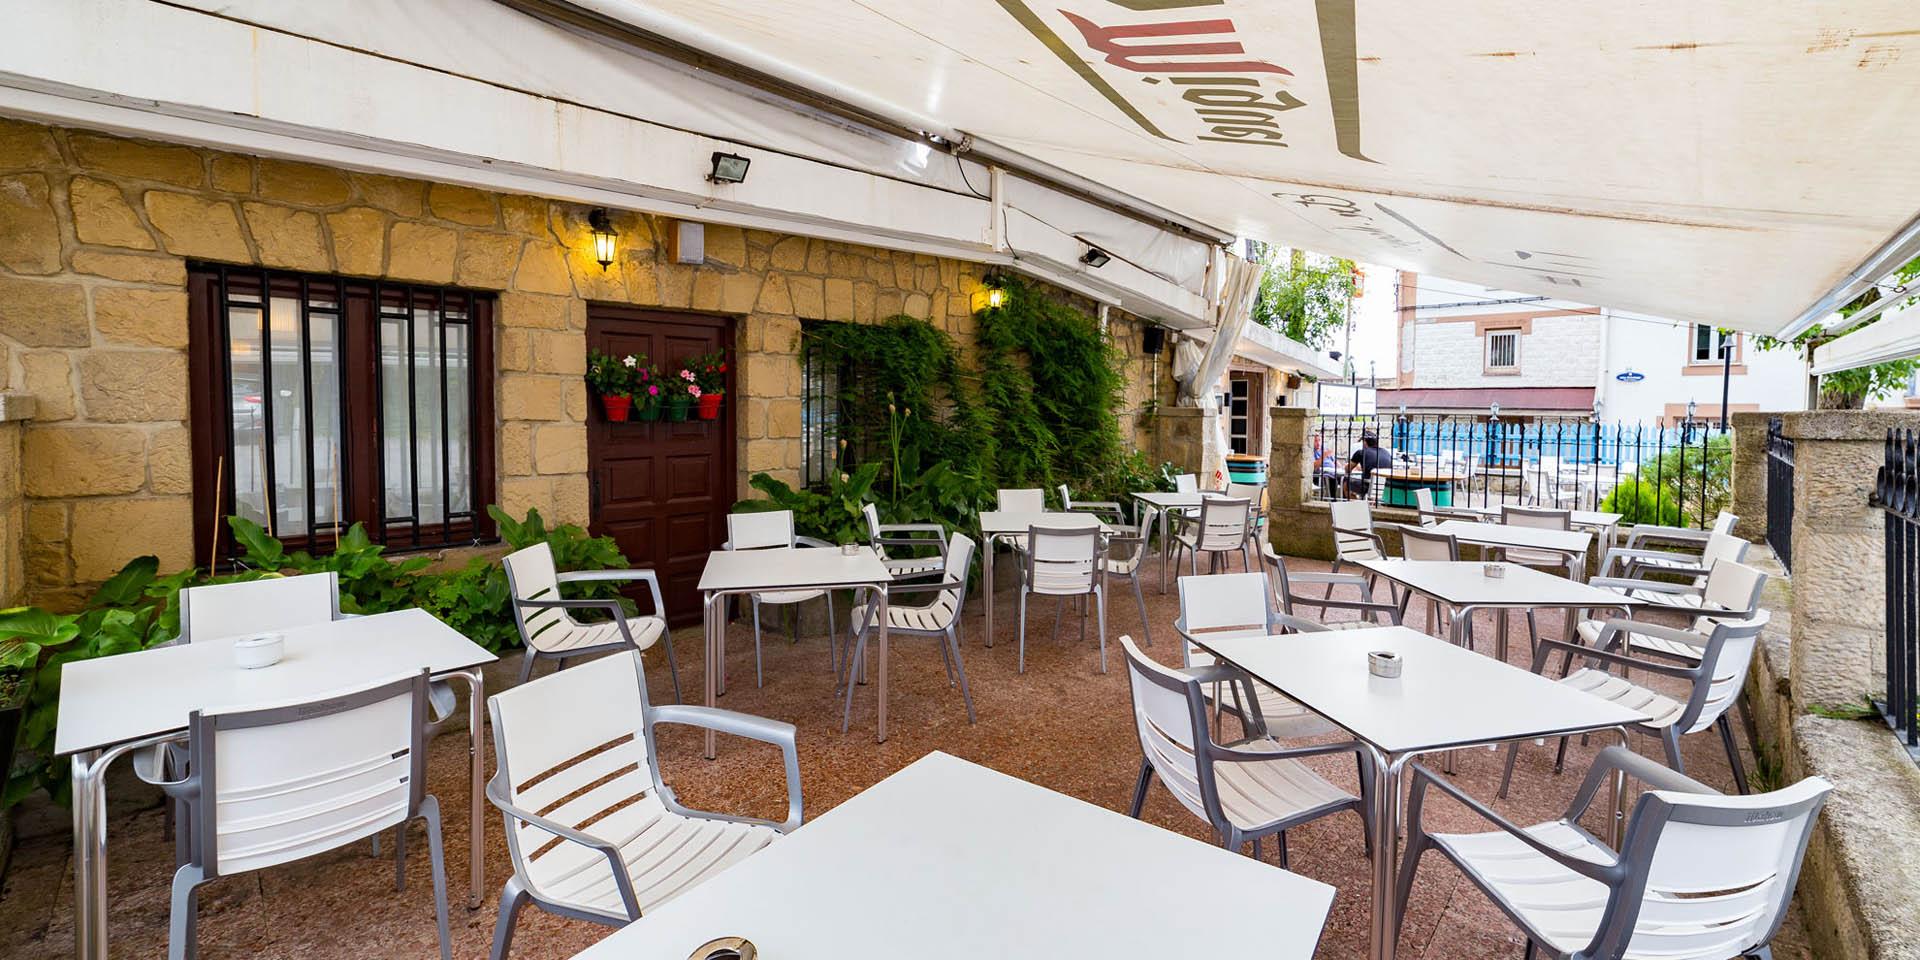 180713 Restaurante Etxe-Nagusi Igeldo14